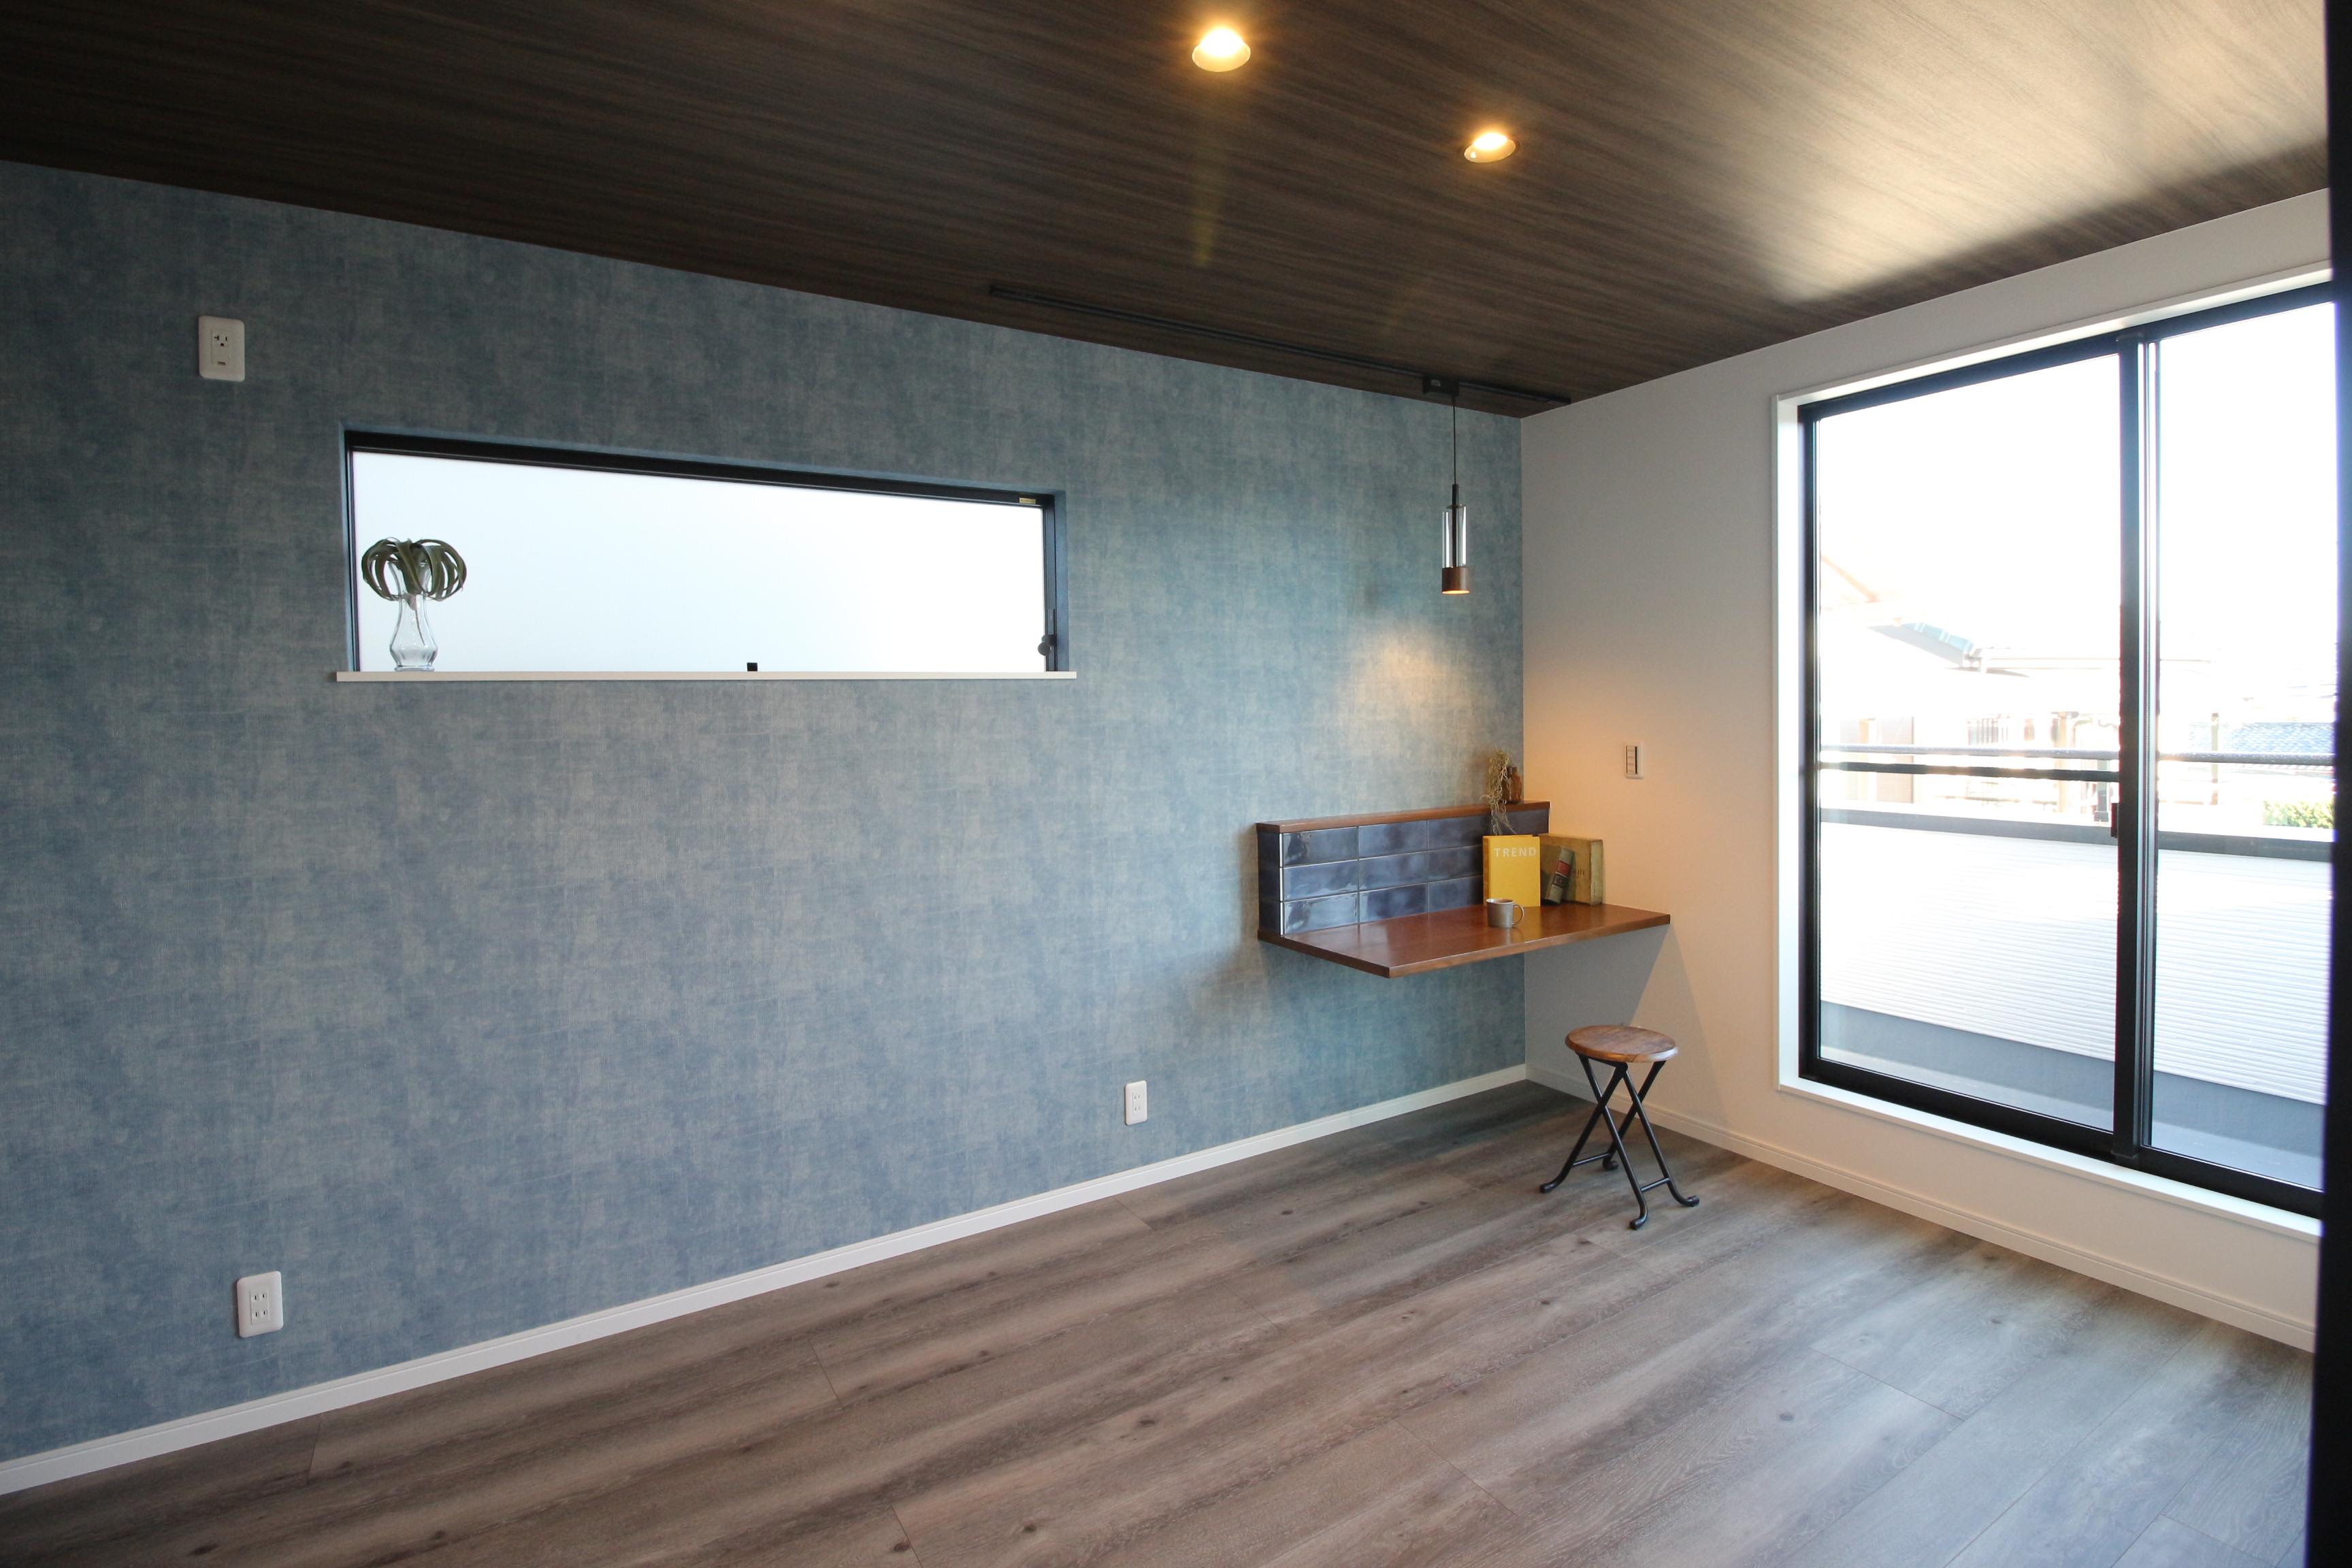 主寝室はPC等を置けるカウンタースペースを設け、シックな内装を使用し落ち着いた空間